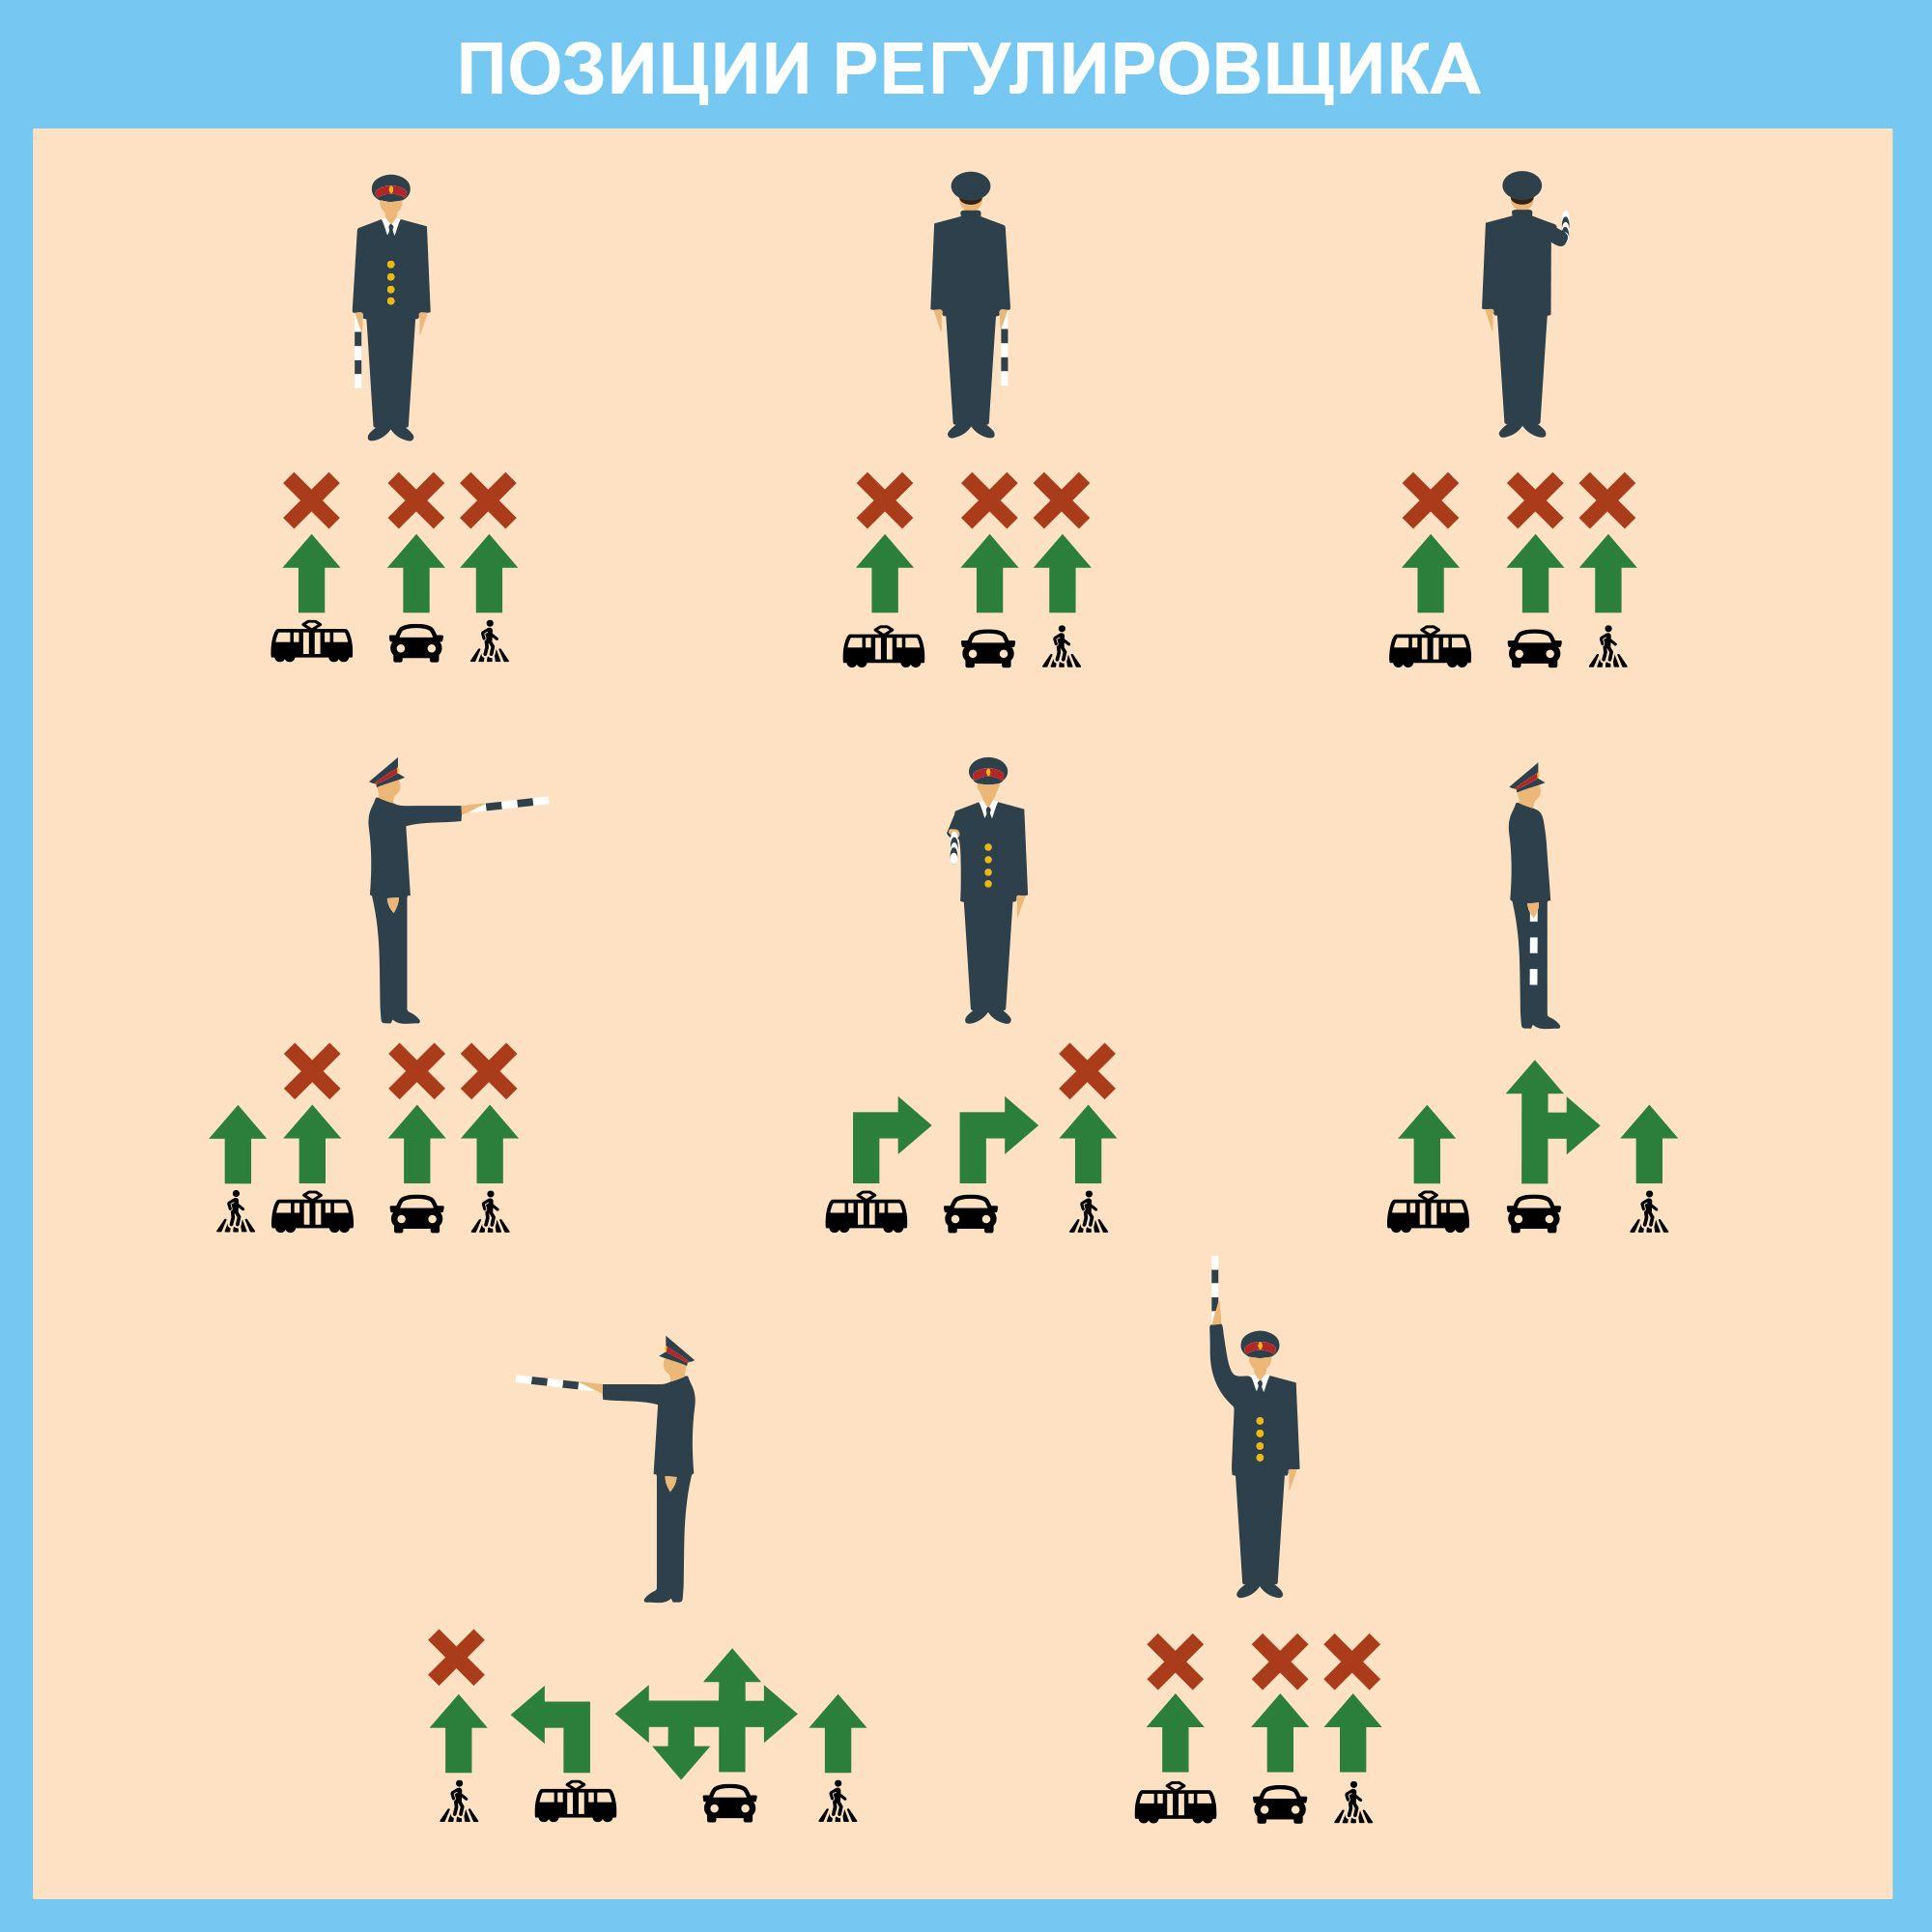 Картинка схема регулировщика